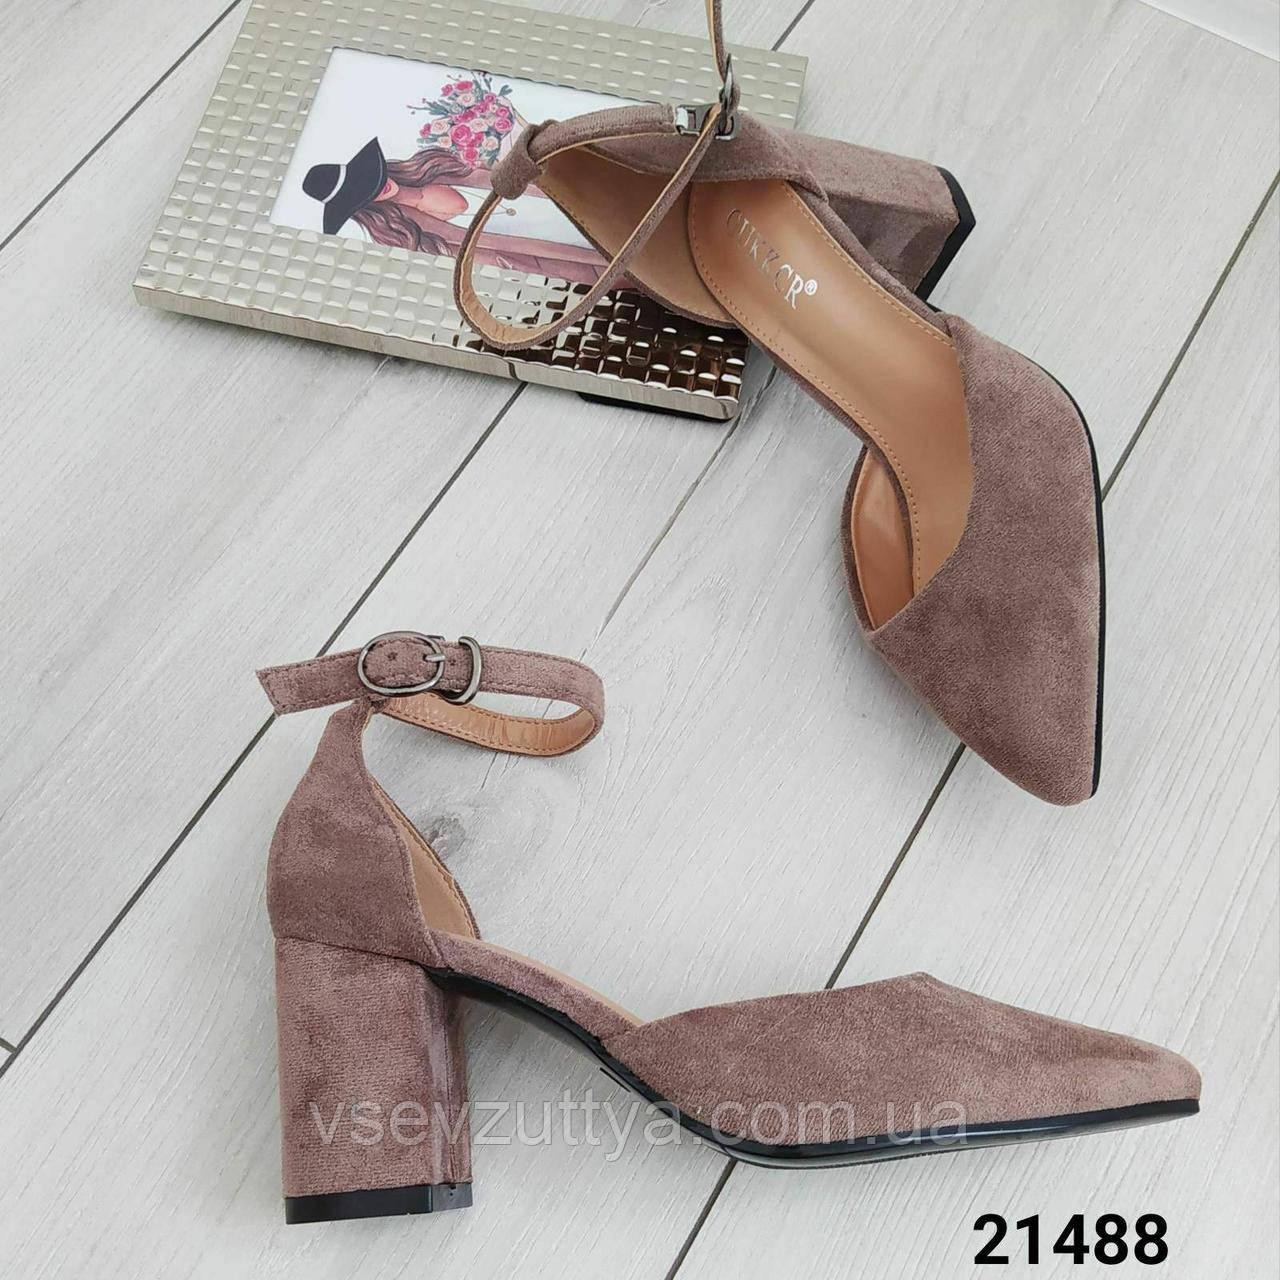 Туфли женские на каблуке